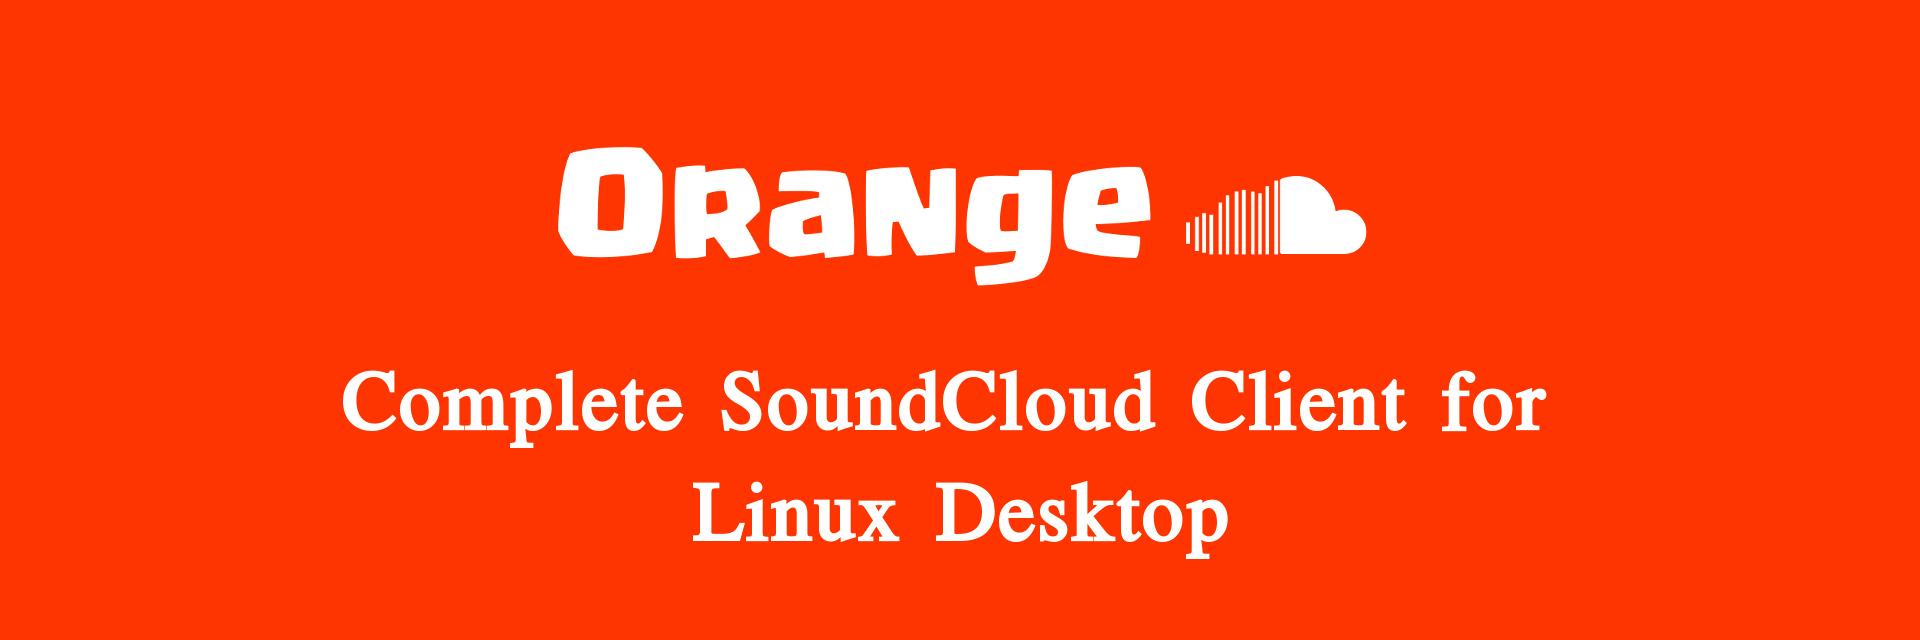 Orange - SoundCloud Client banner